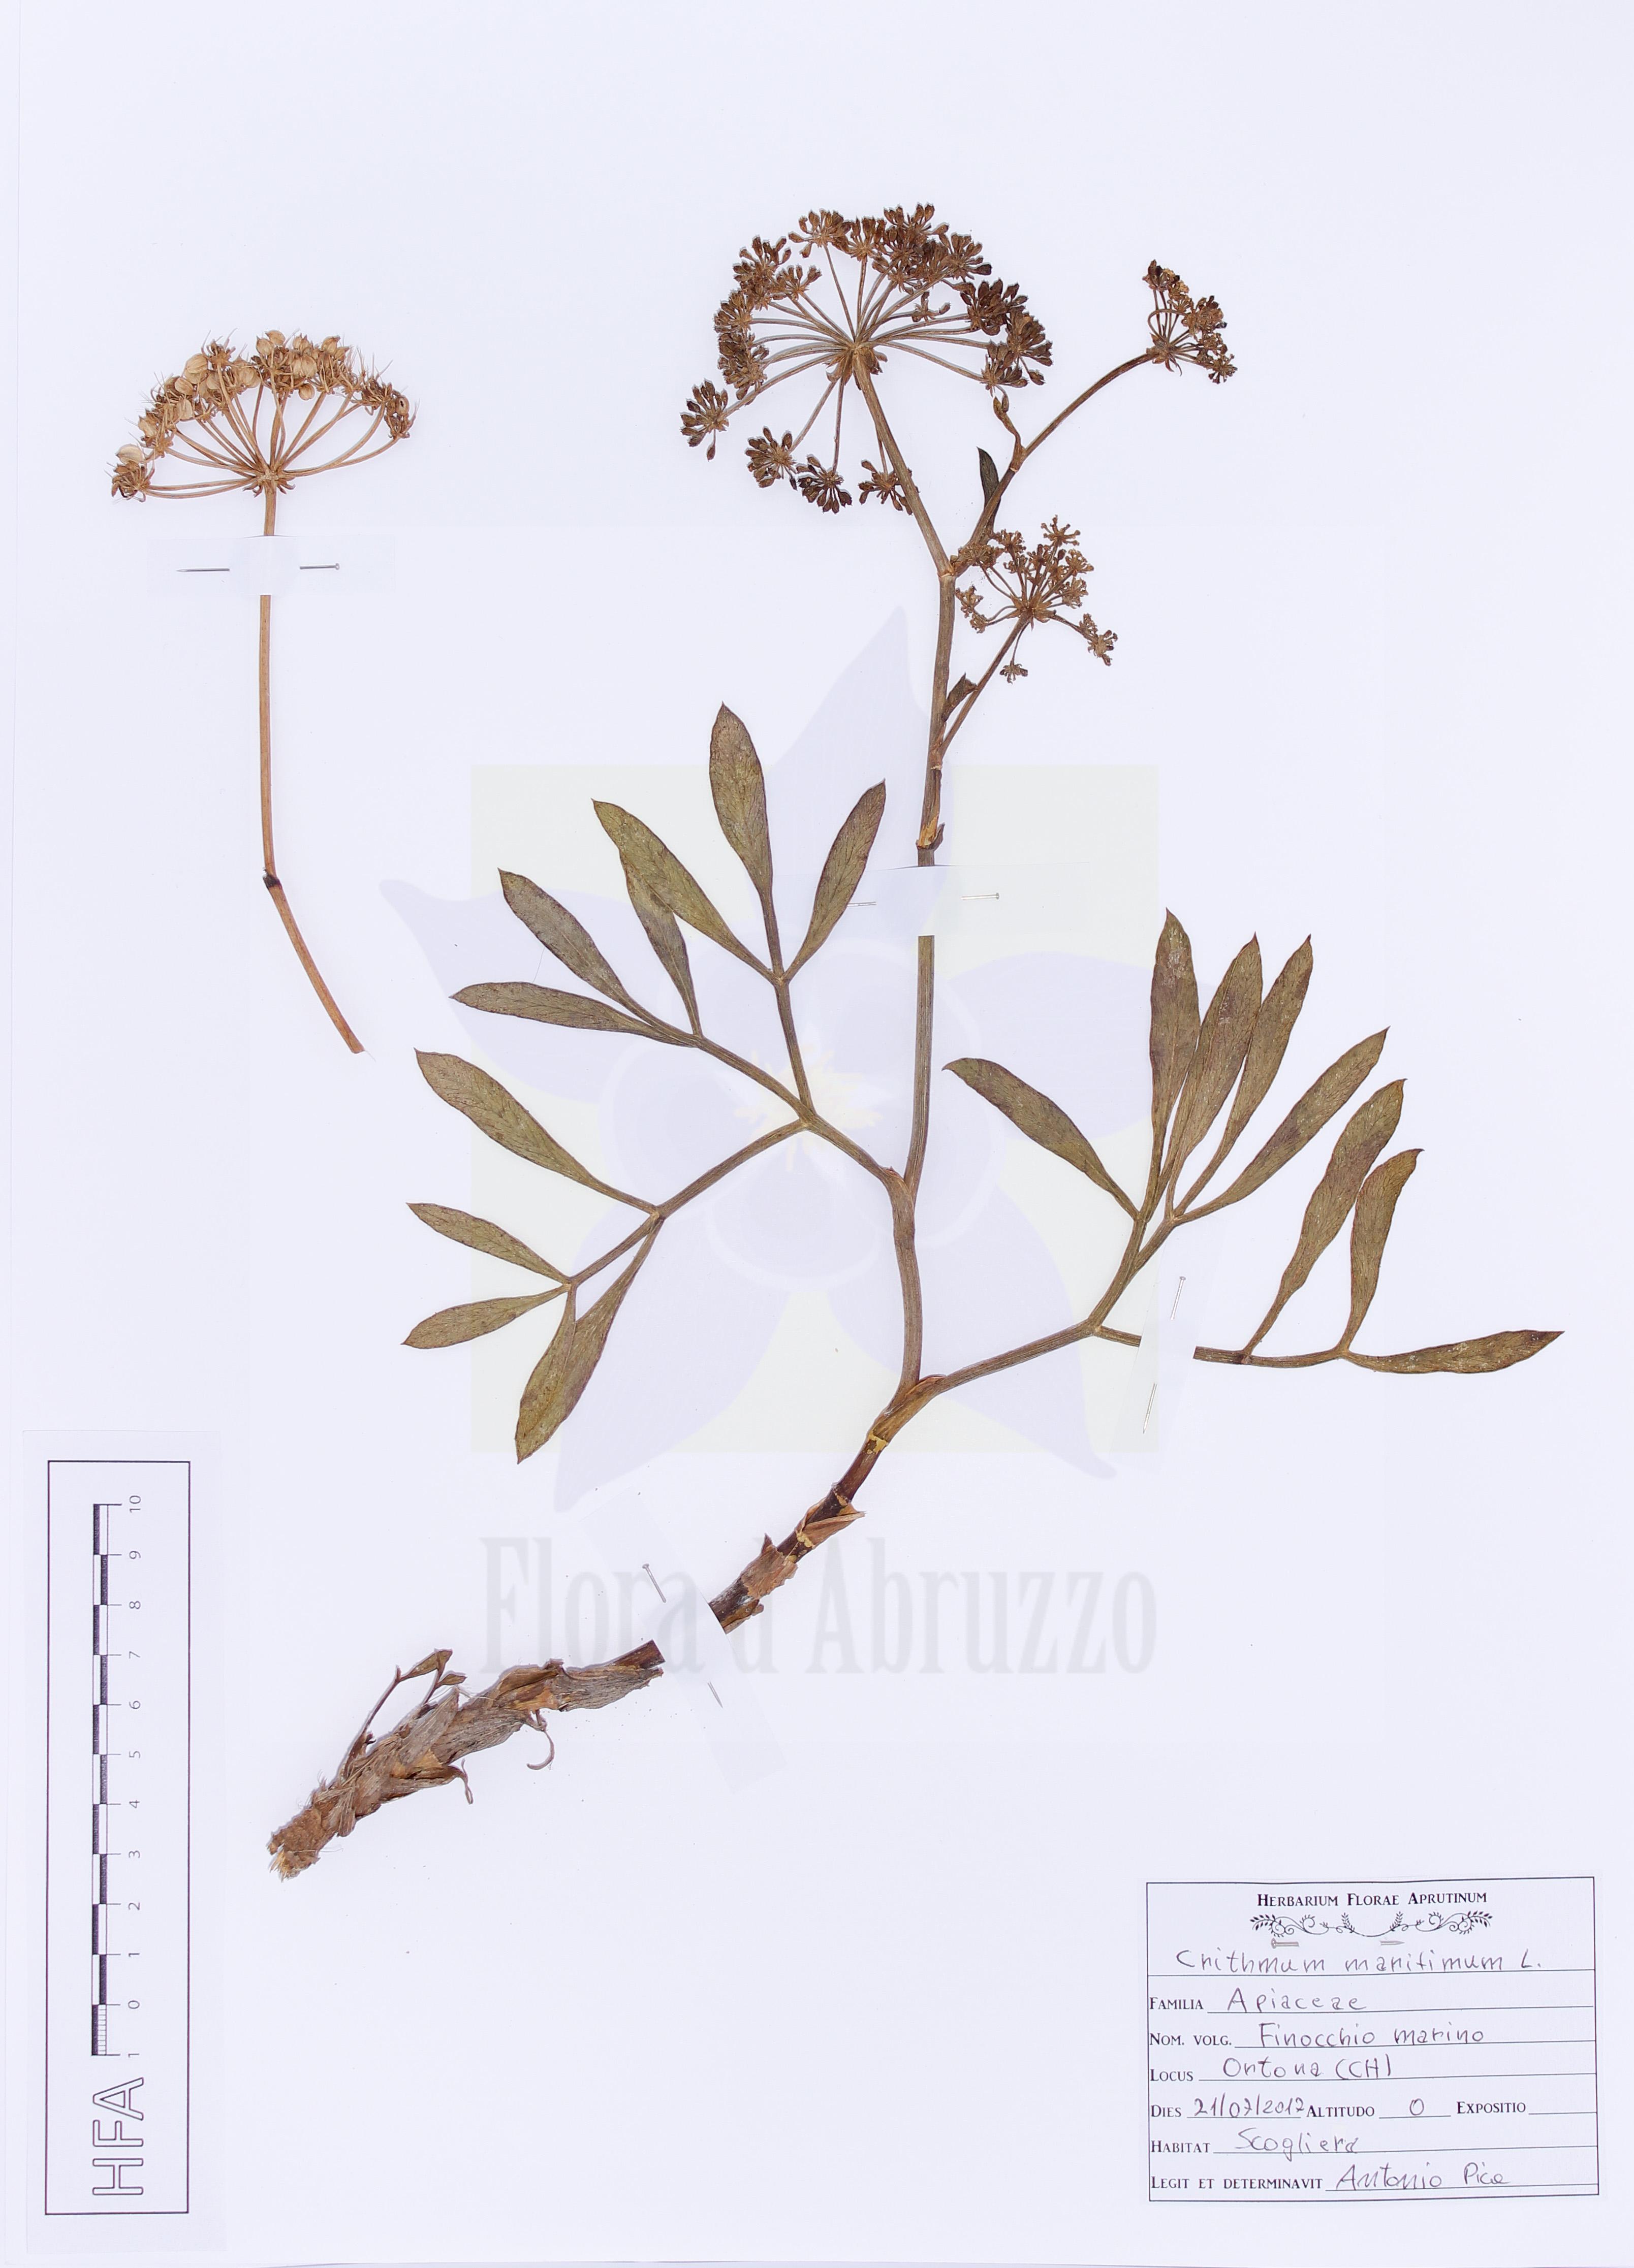 Crithmum maritimum L.